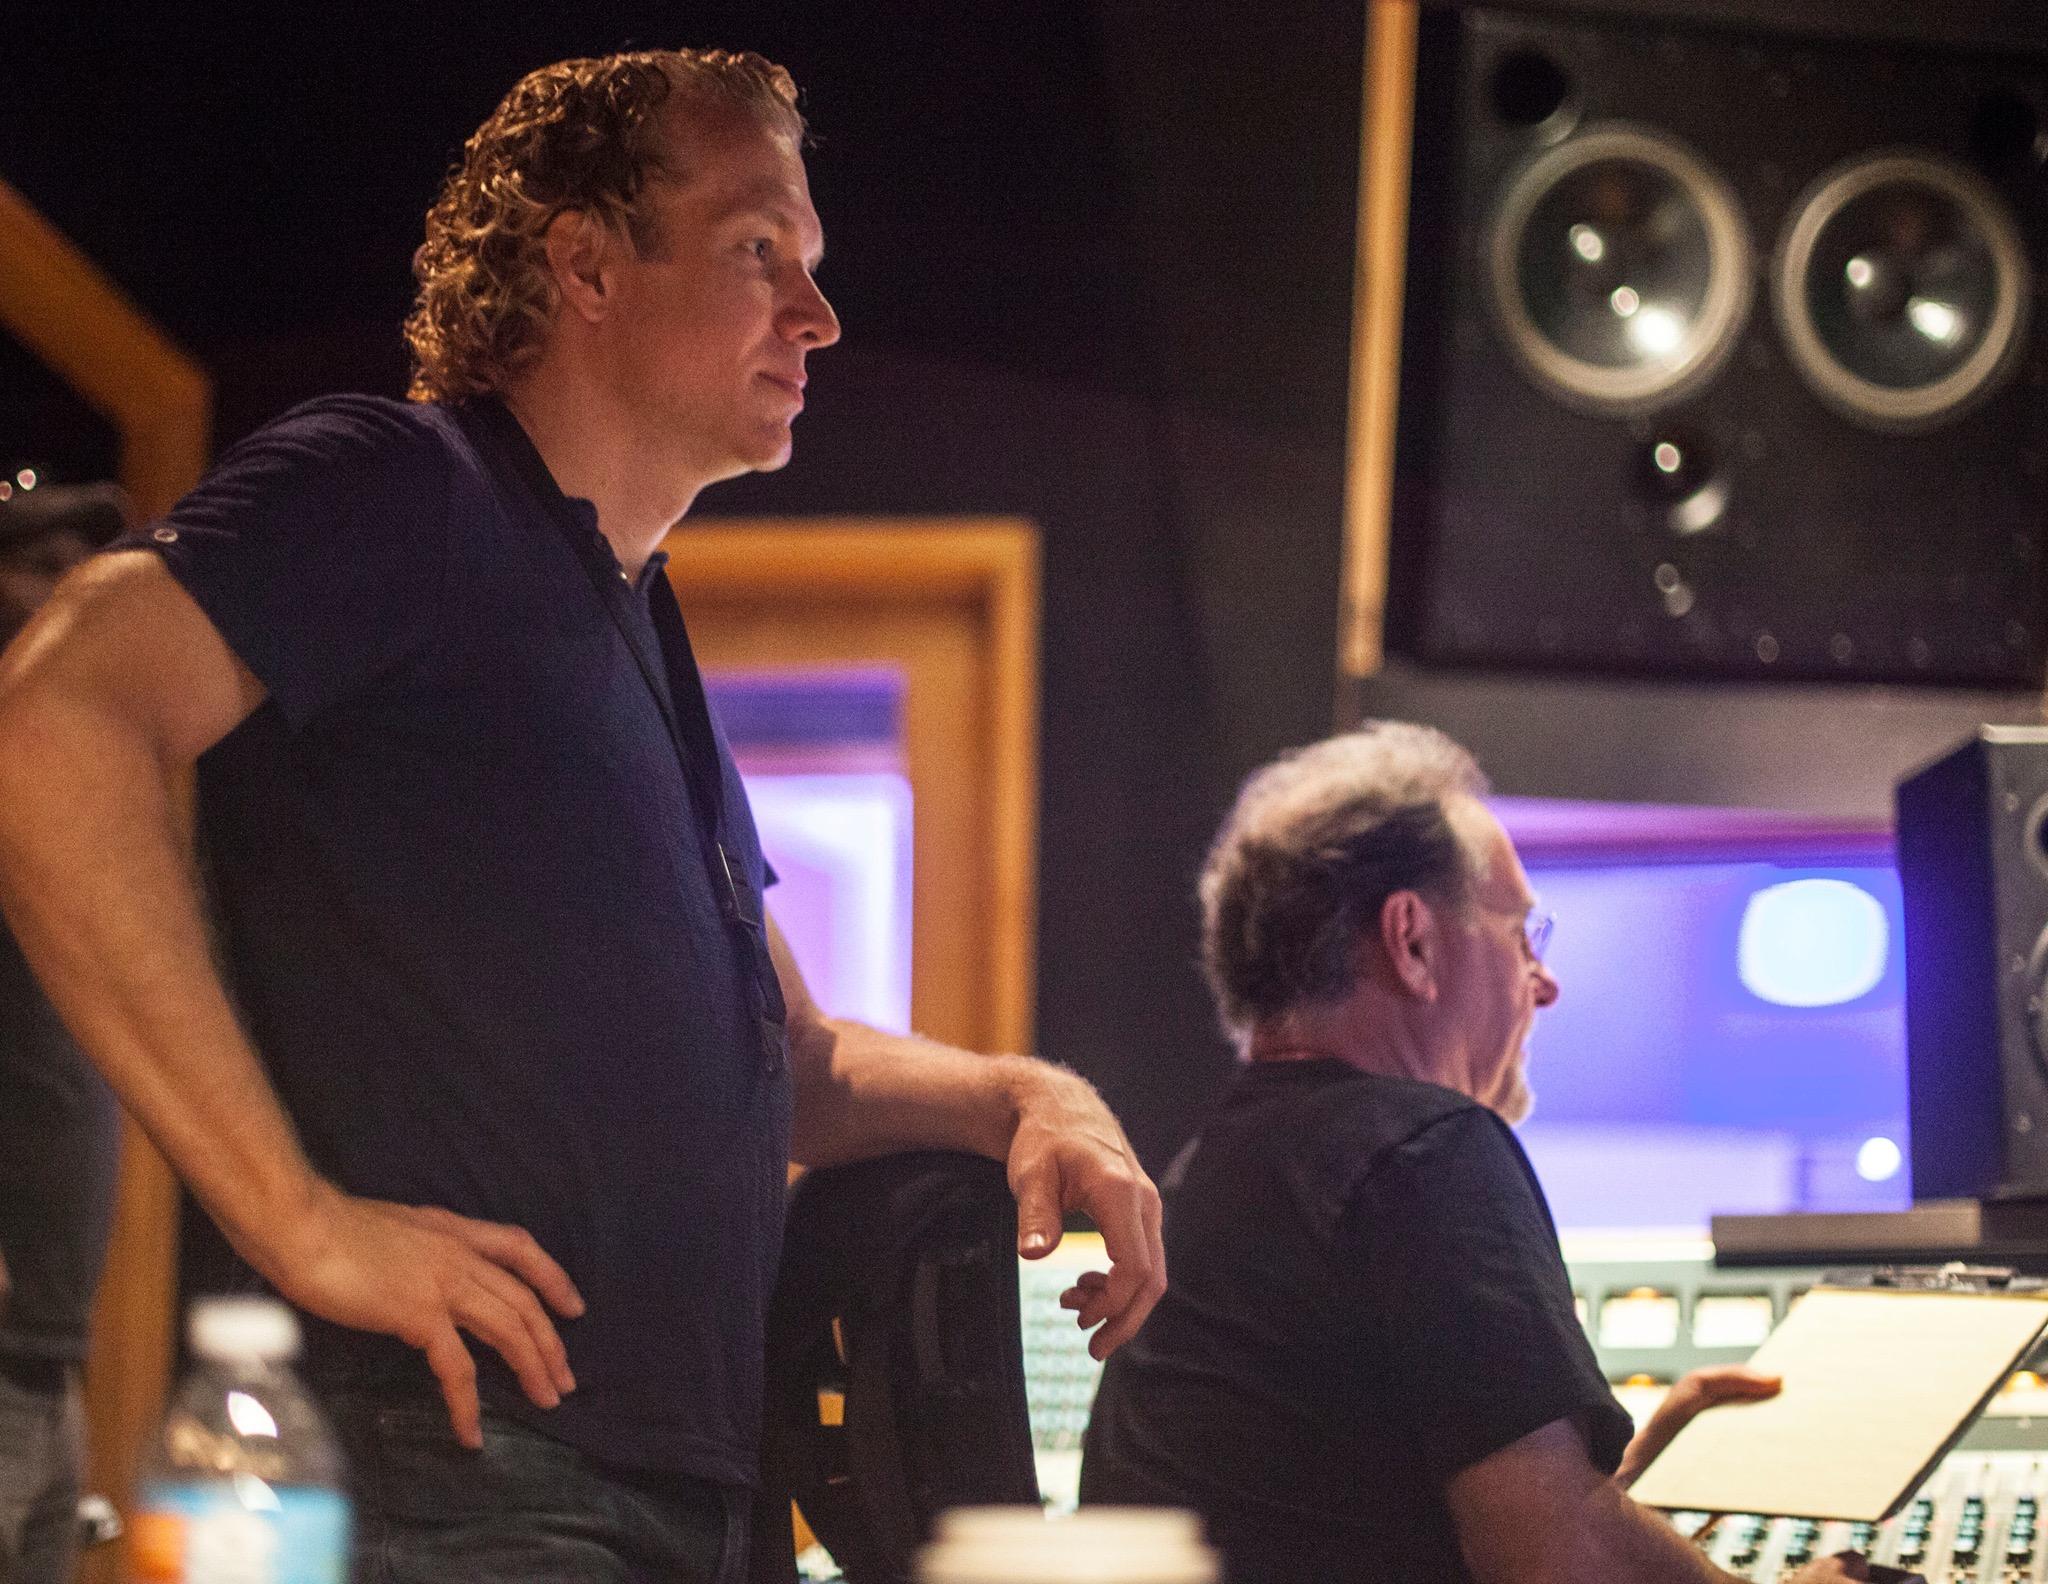 Andrew Neu at Mixing Board